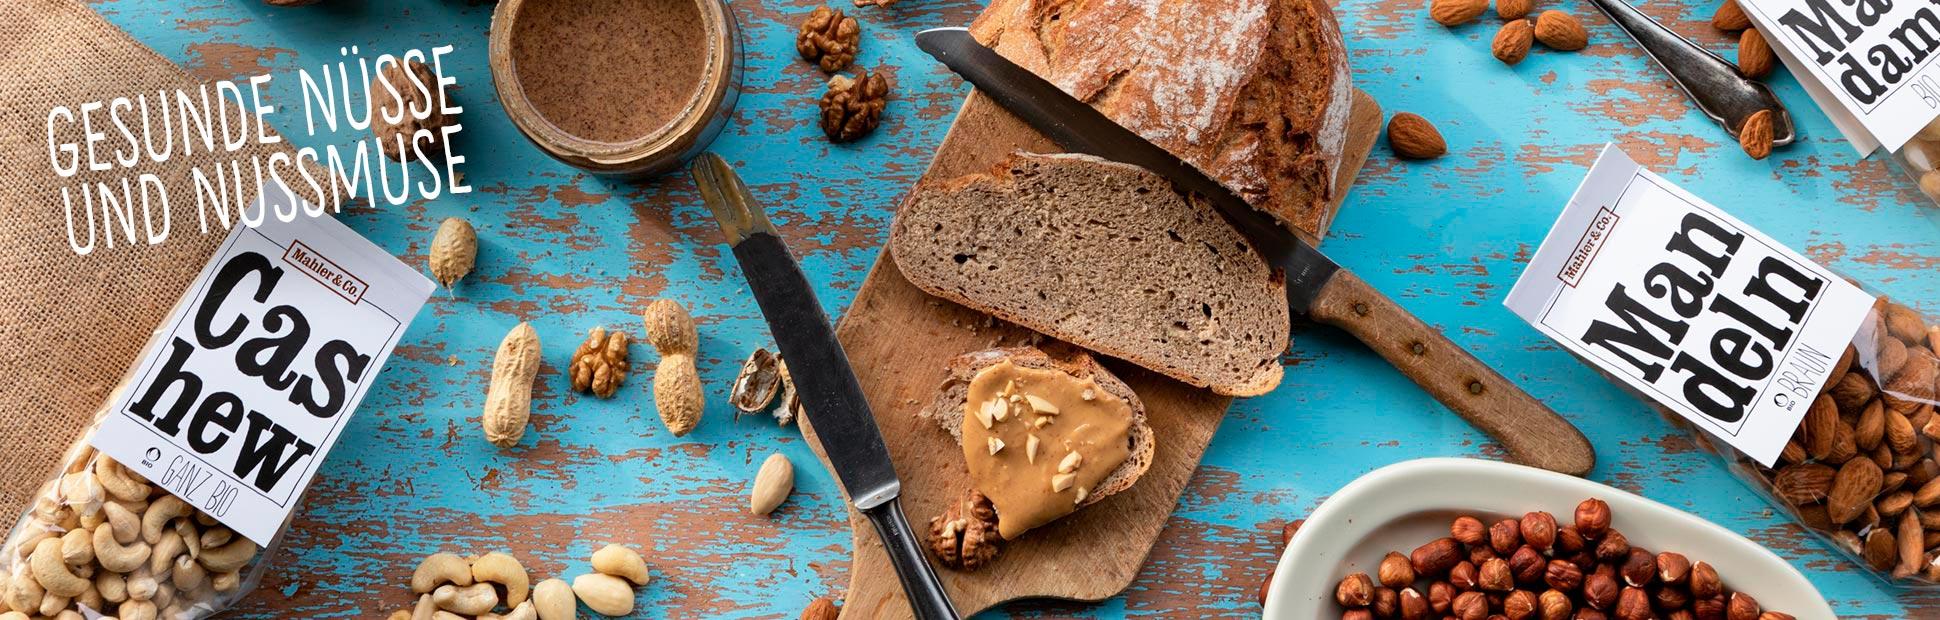 Gesunde Nüsse und Nussmuse